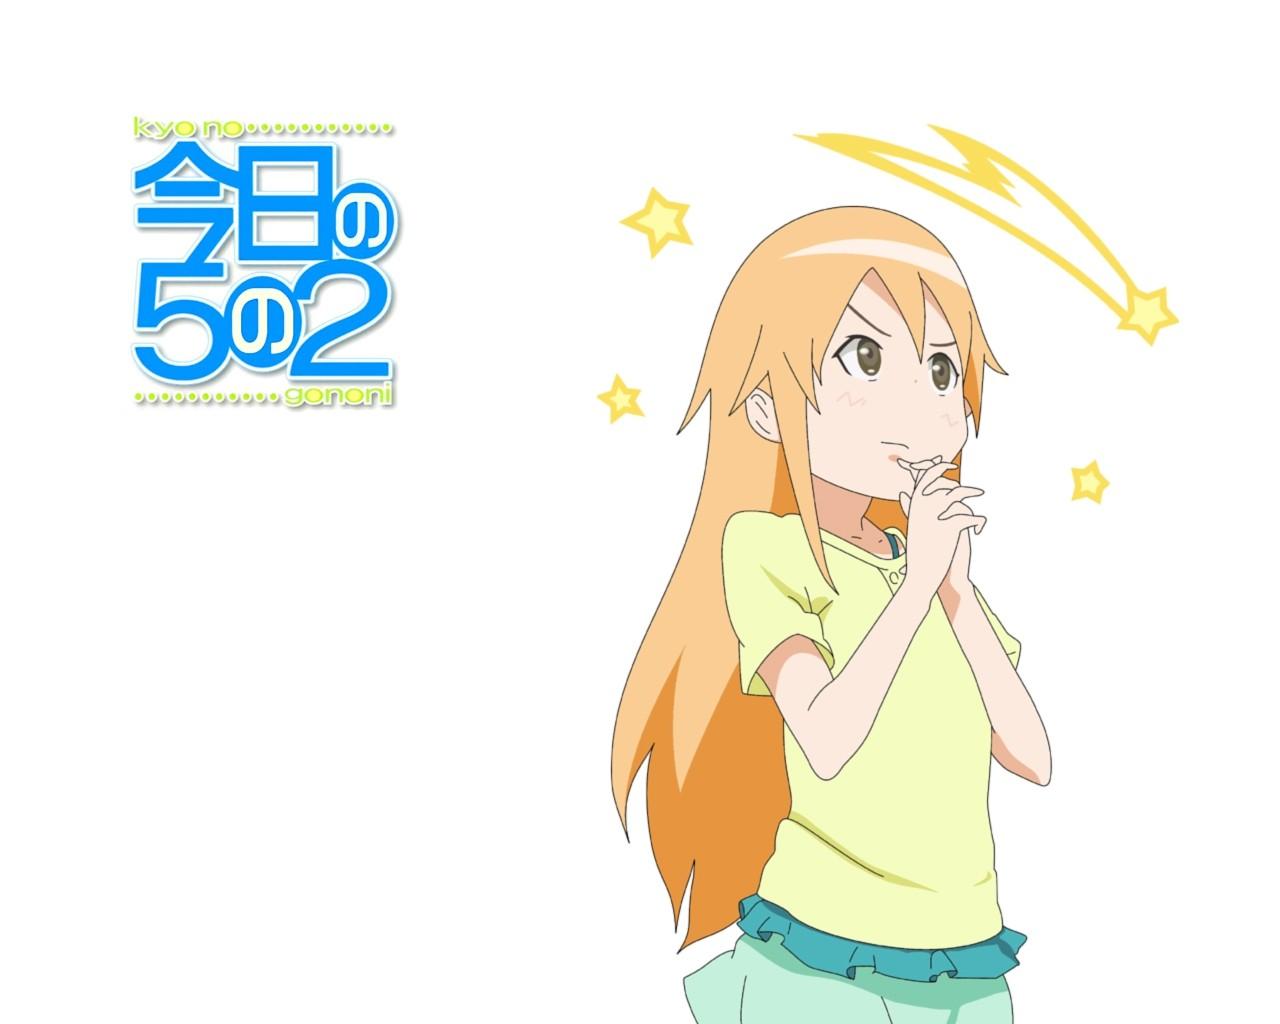 Wallpaper Ilustrasi Gadis Anime Teks Kuning Gambar Kartun